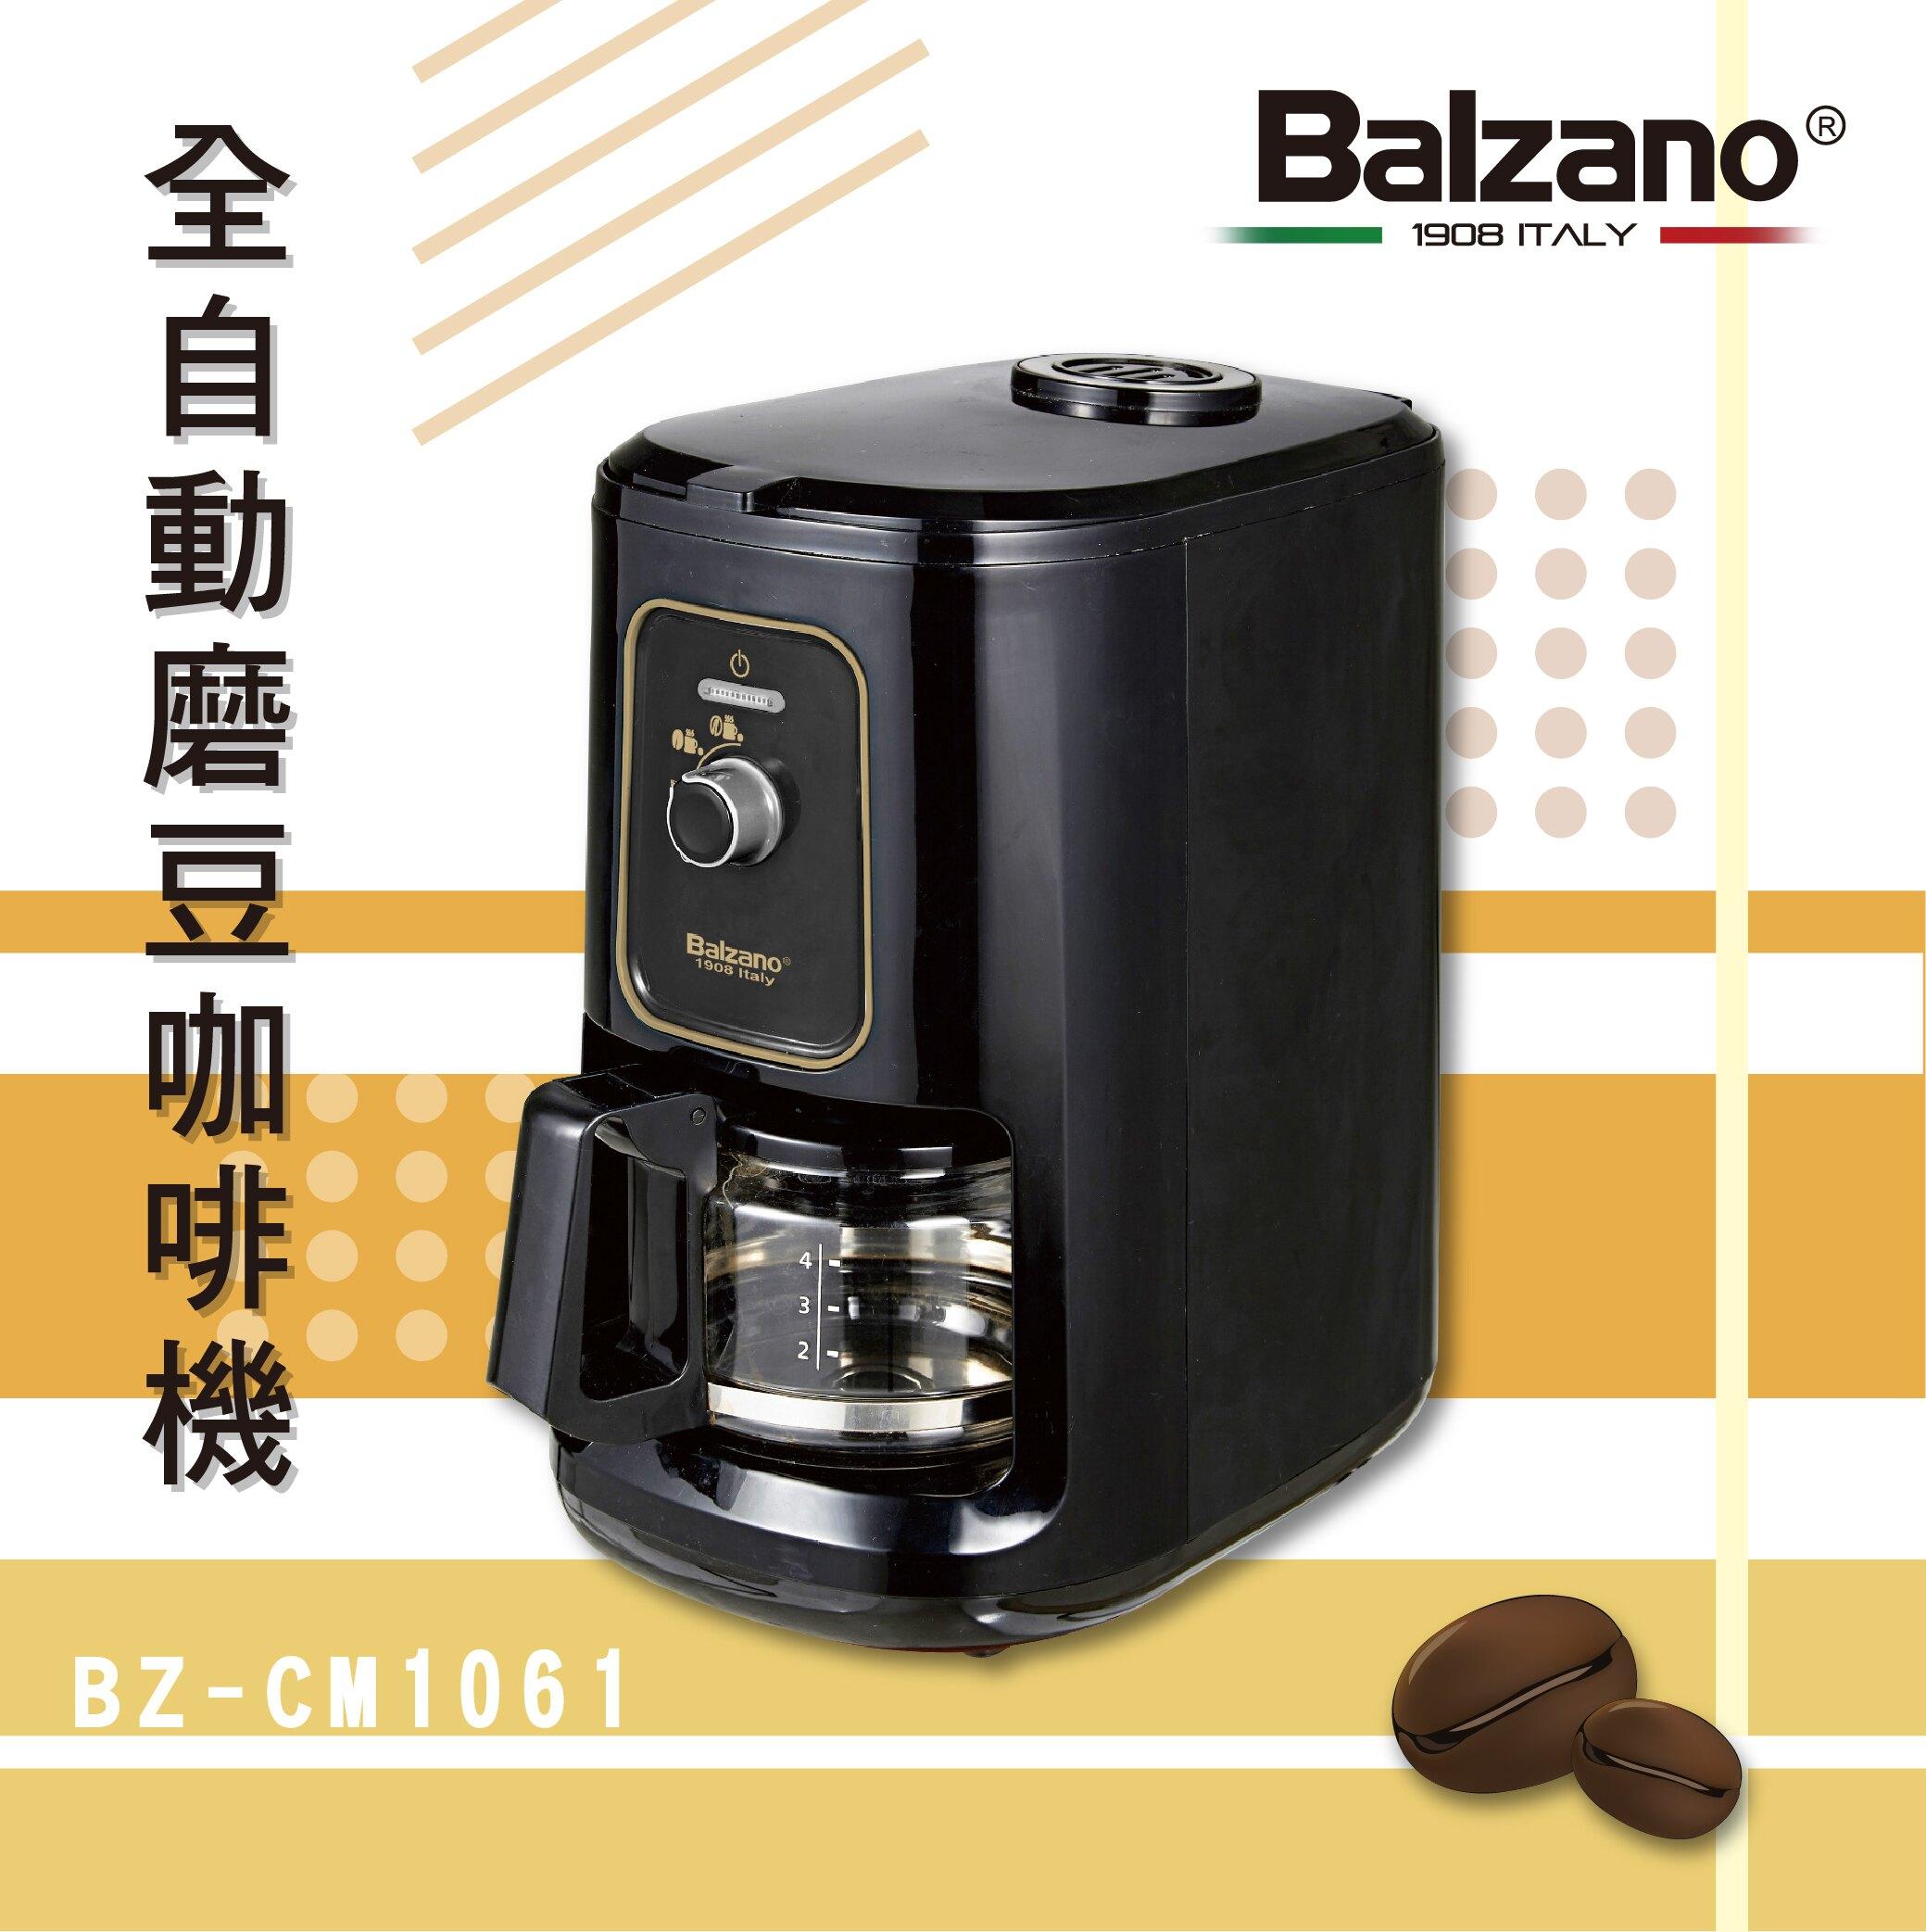 全自動磨豆咖啡機(4杯份) 【Balzano】